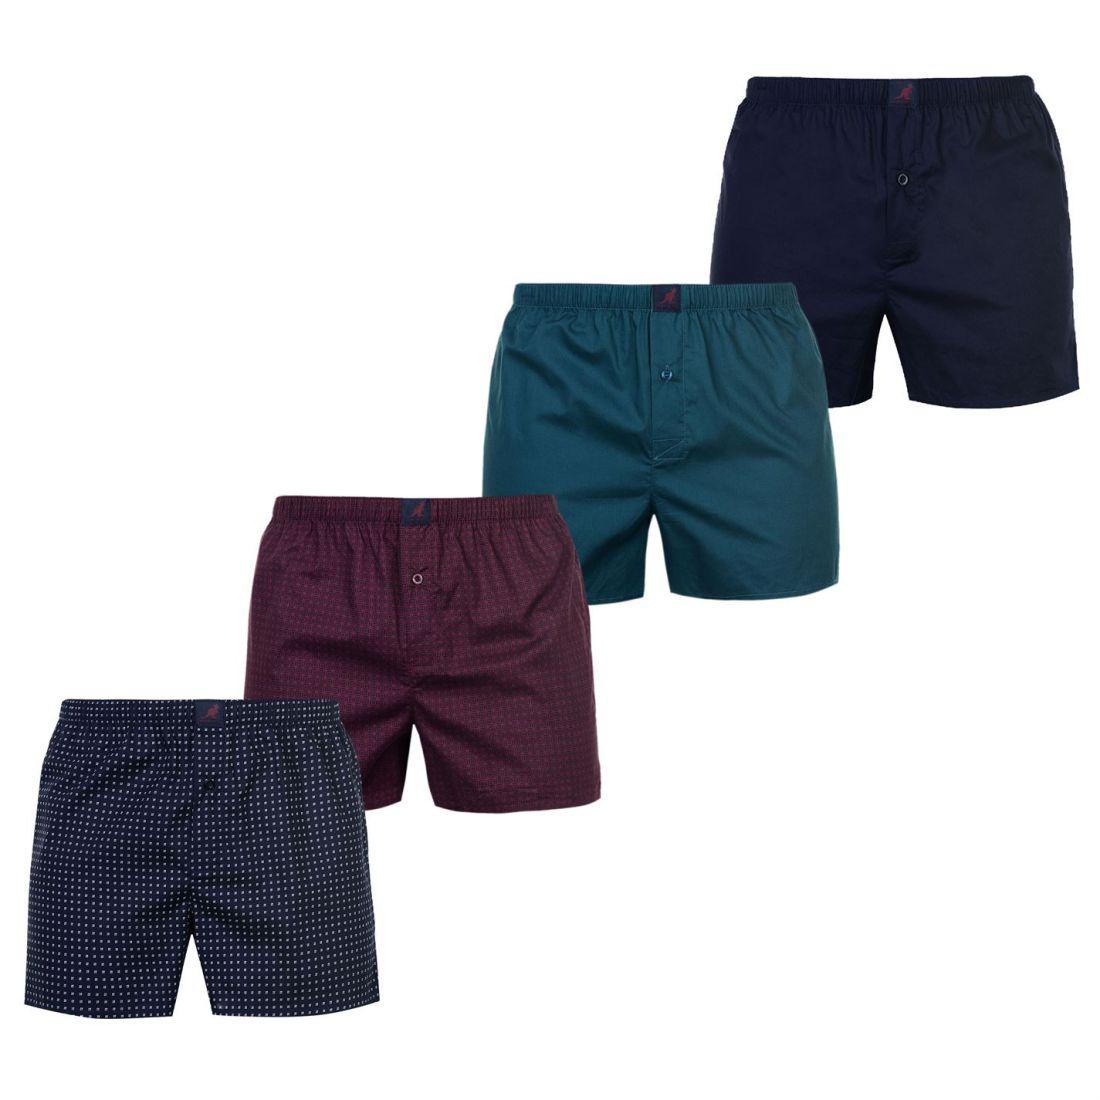 caaae06088e996 Kangol Woven Boxer Shorts 4 Pack Mens Gents Underclothes Cotton Elasticated  2 2 sur 2 Voir Plus